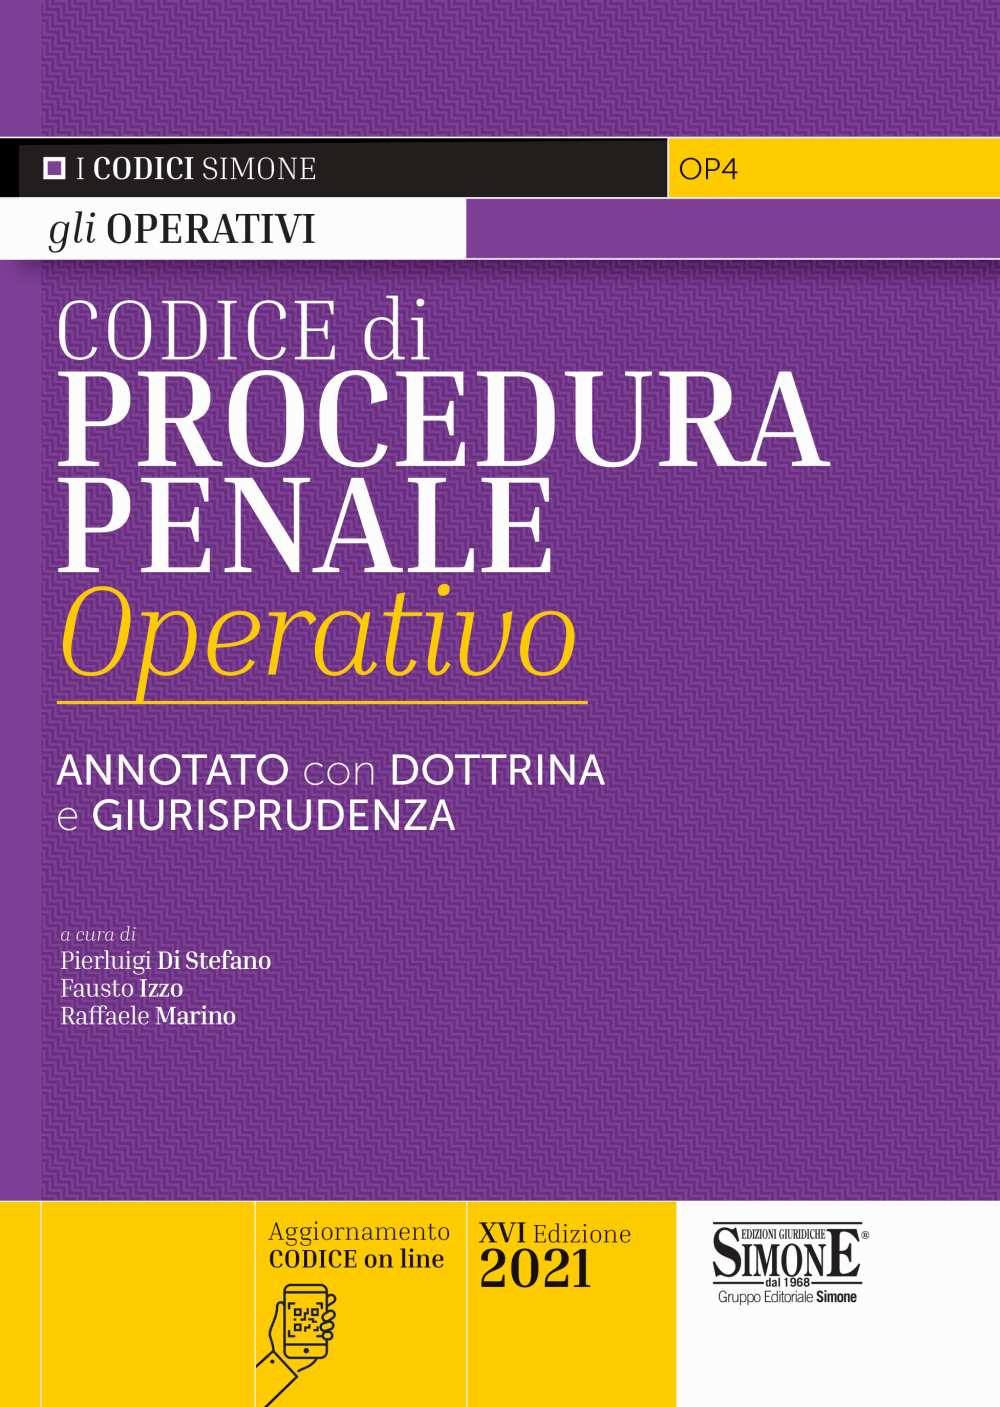 Codice di Procedura Penale Operativo